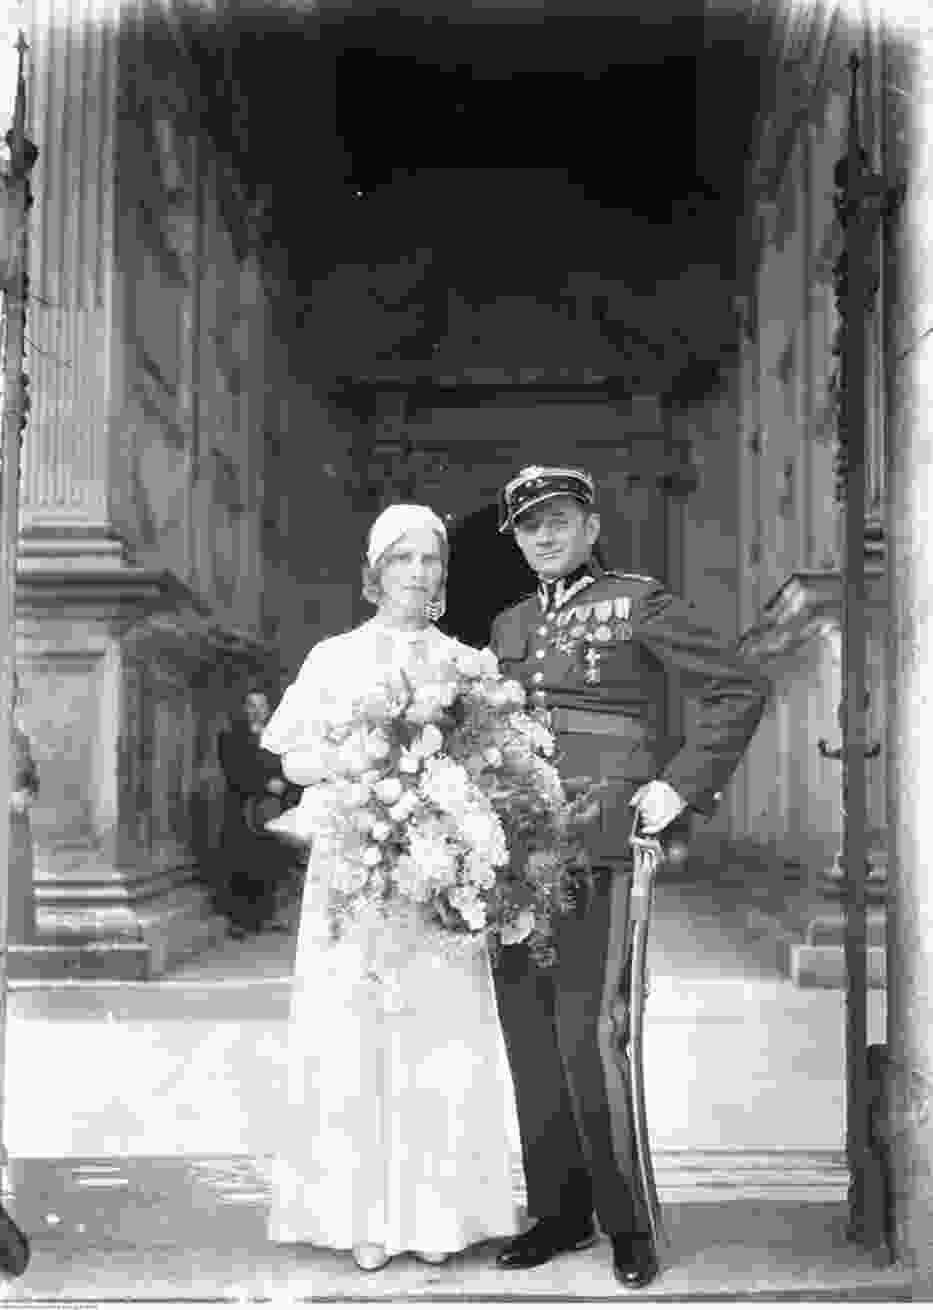 Moda ślubna przez dekady. Tak kiedyś wyglądały pary młode [GALERIA]